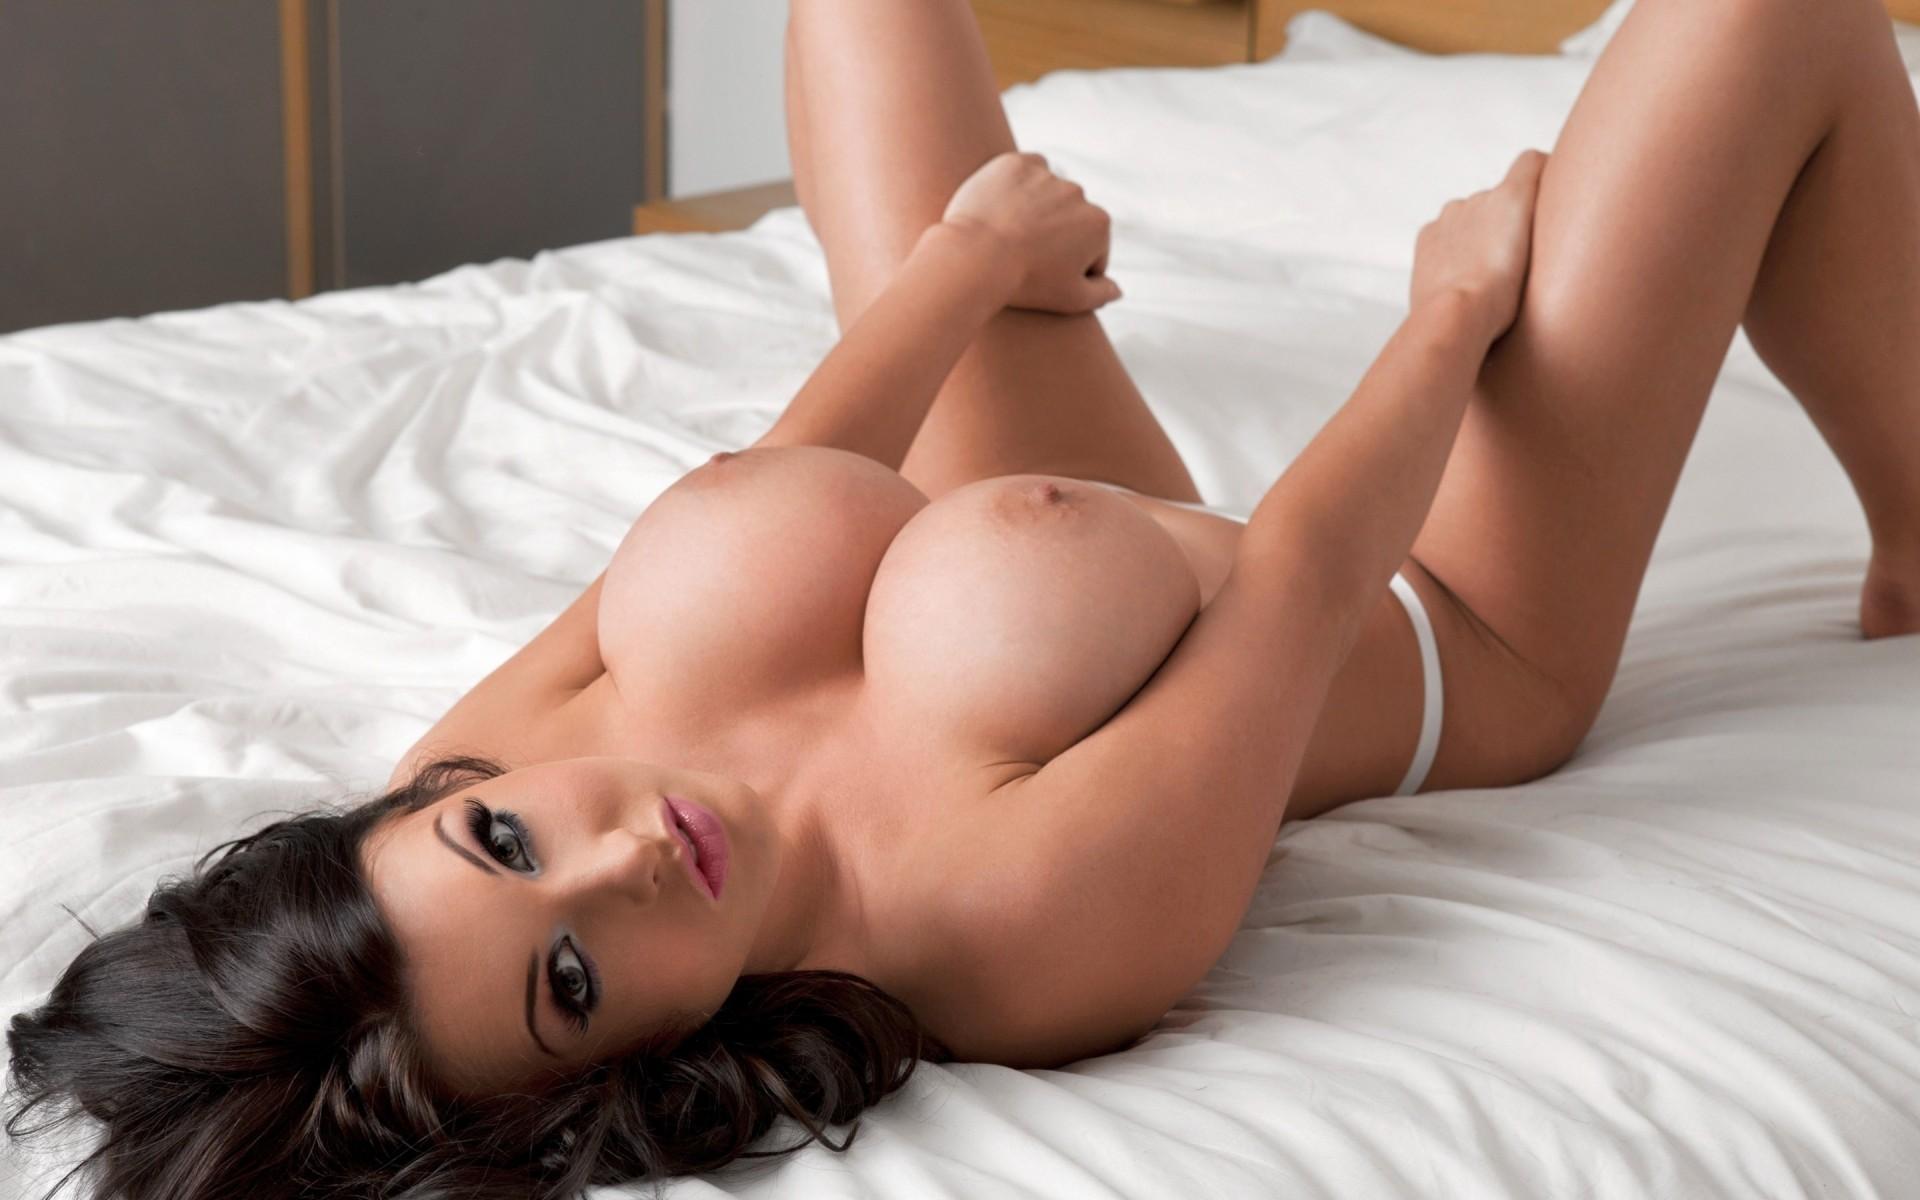 смотреть порно фото красивые груди выспался